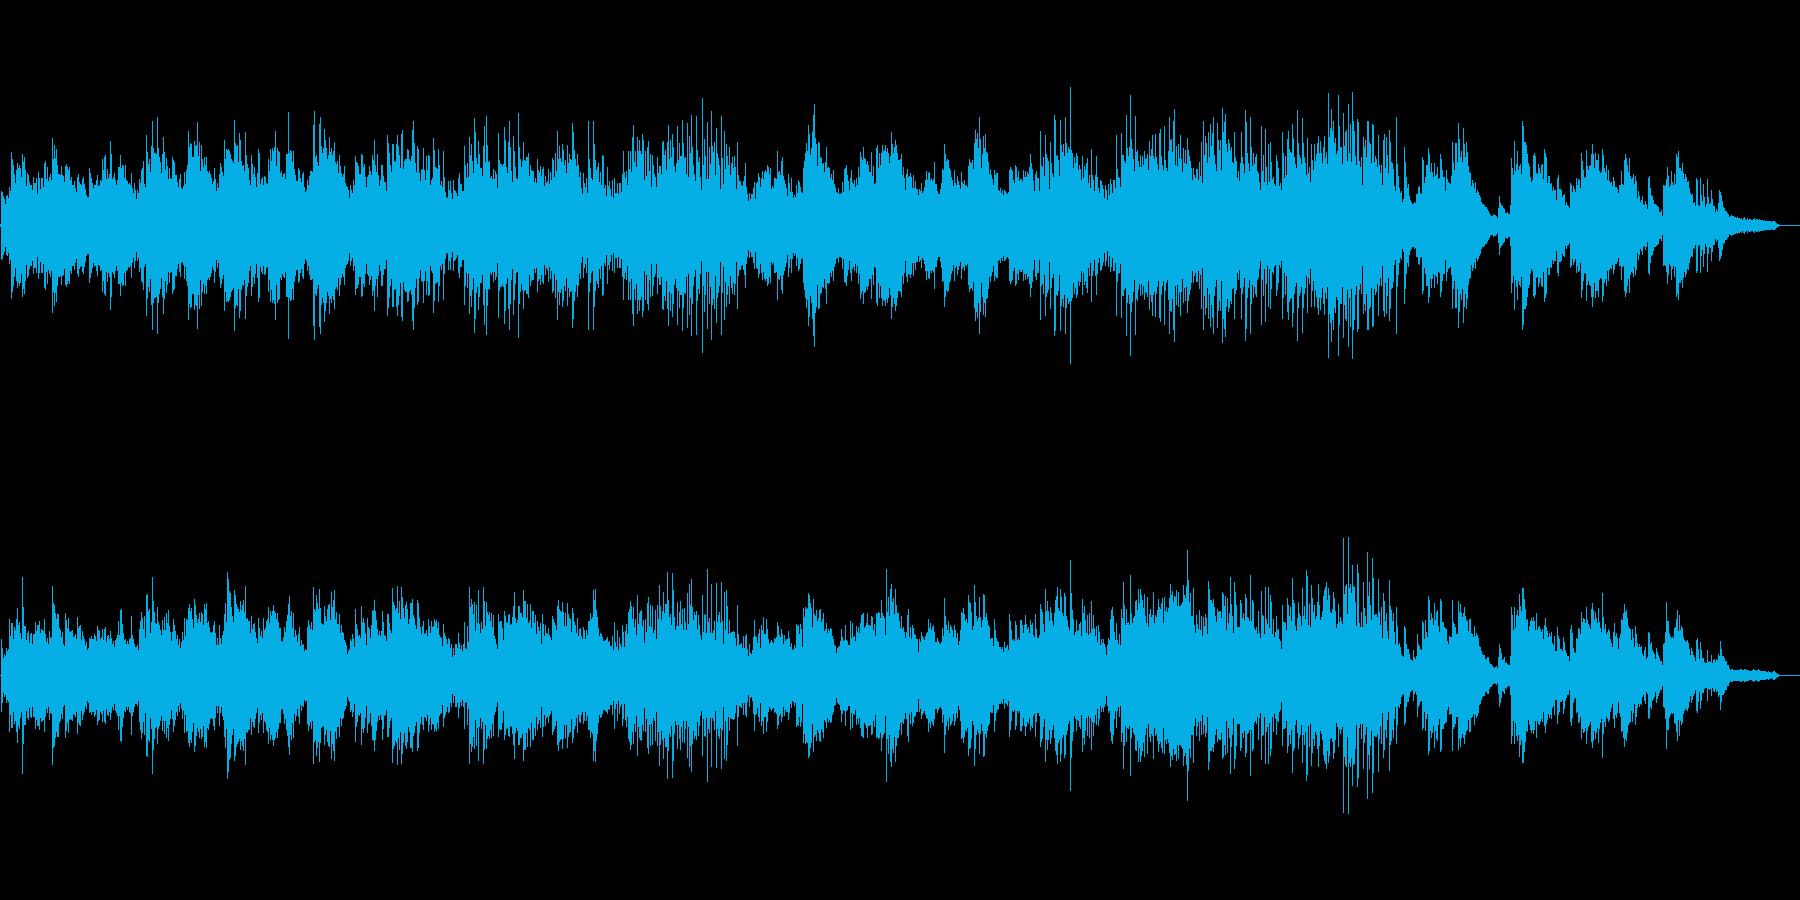 ピアノによるインストバラードの再生済みの波形